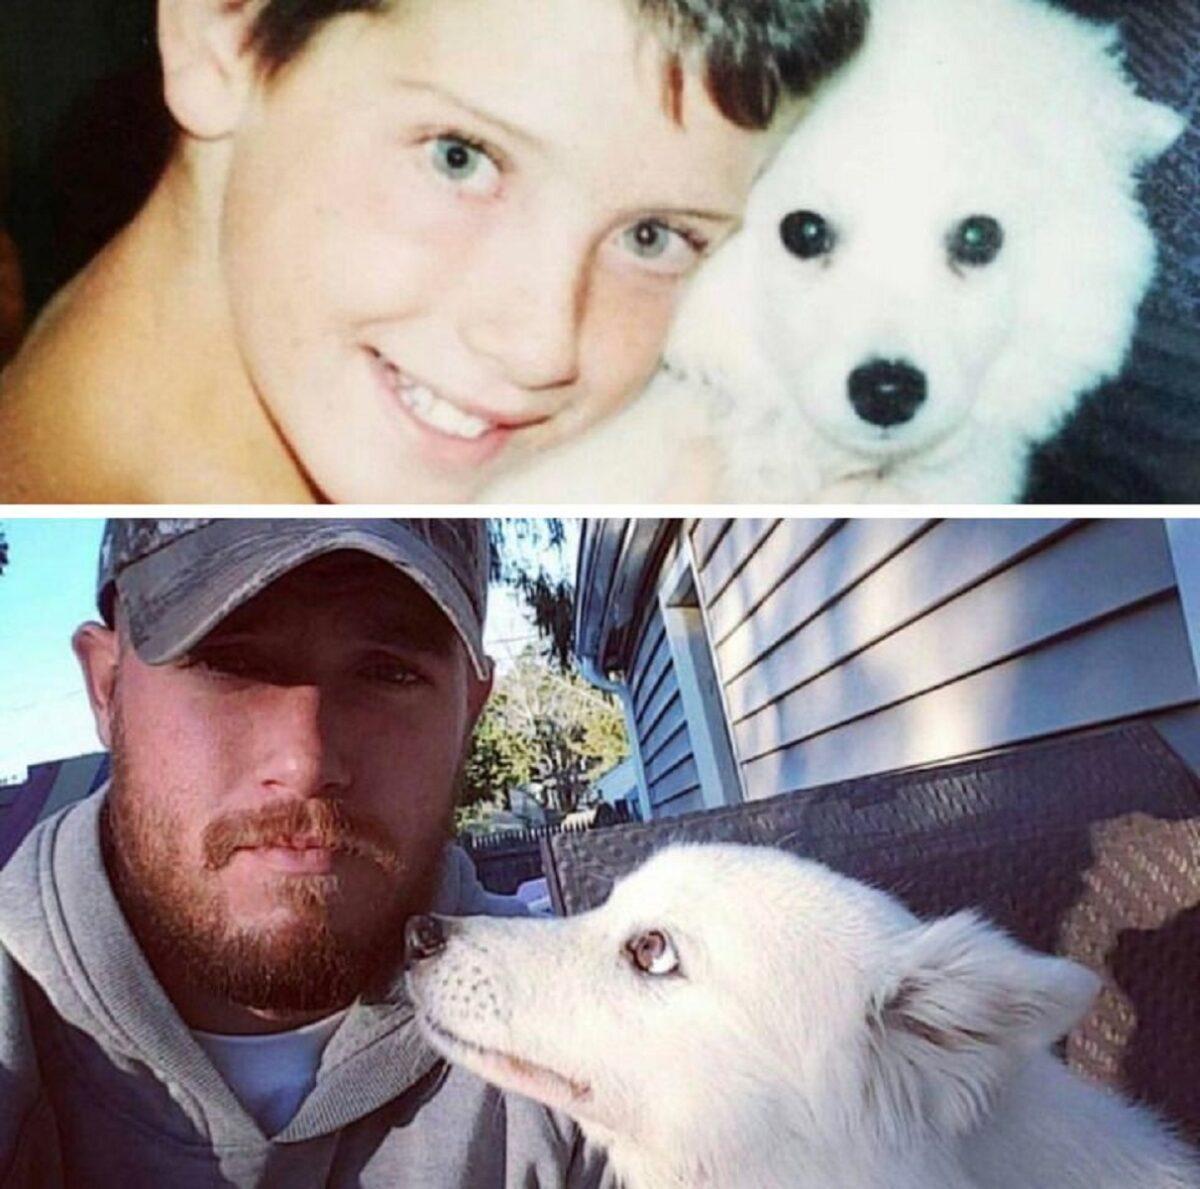 Imagens de antes e depois que mostram que nao devemos temer a passagem do tempo 4